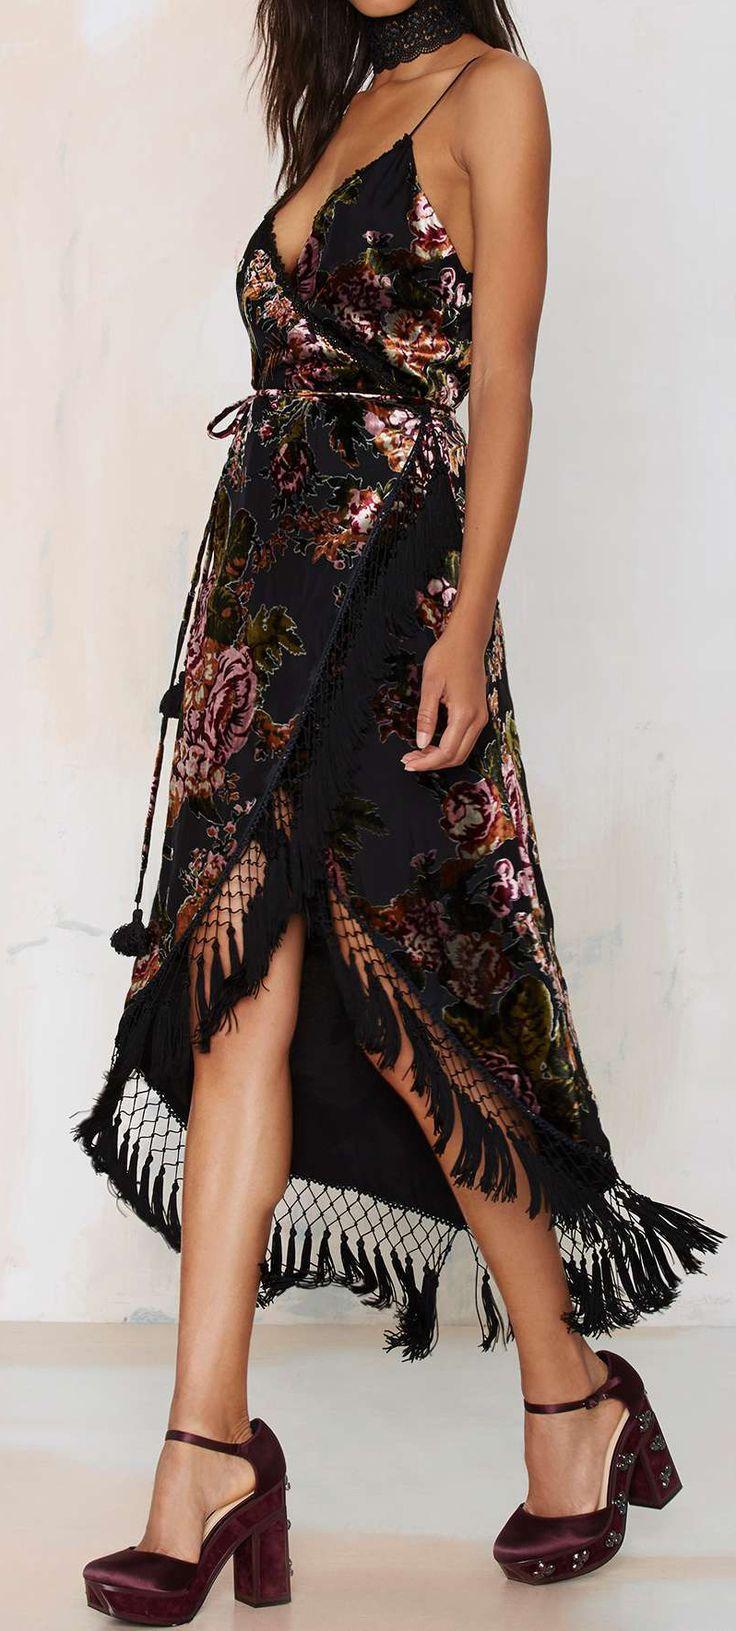 Senorita wrap dress